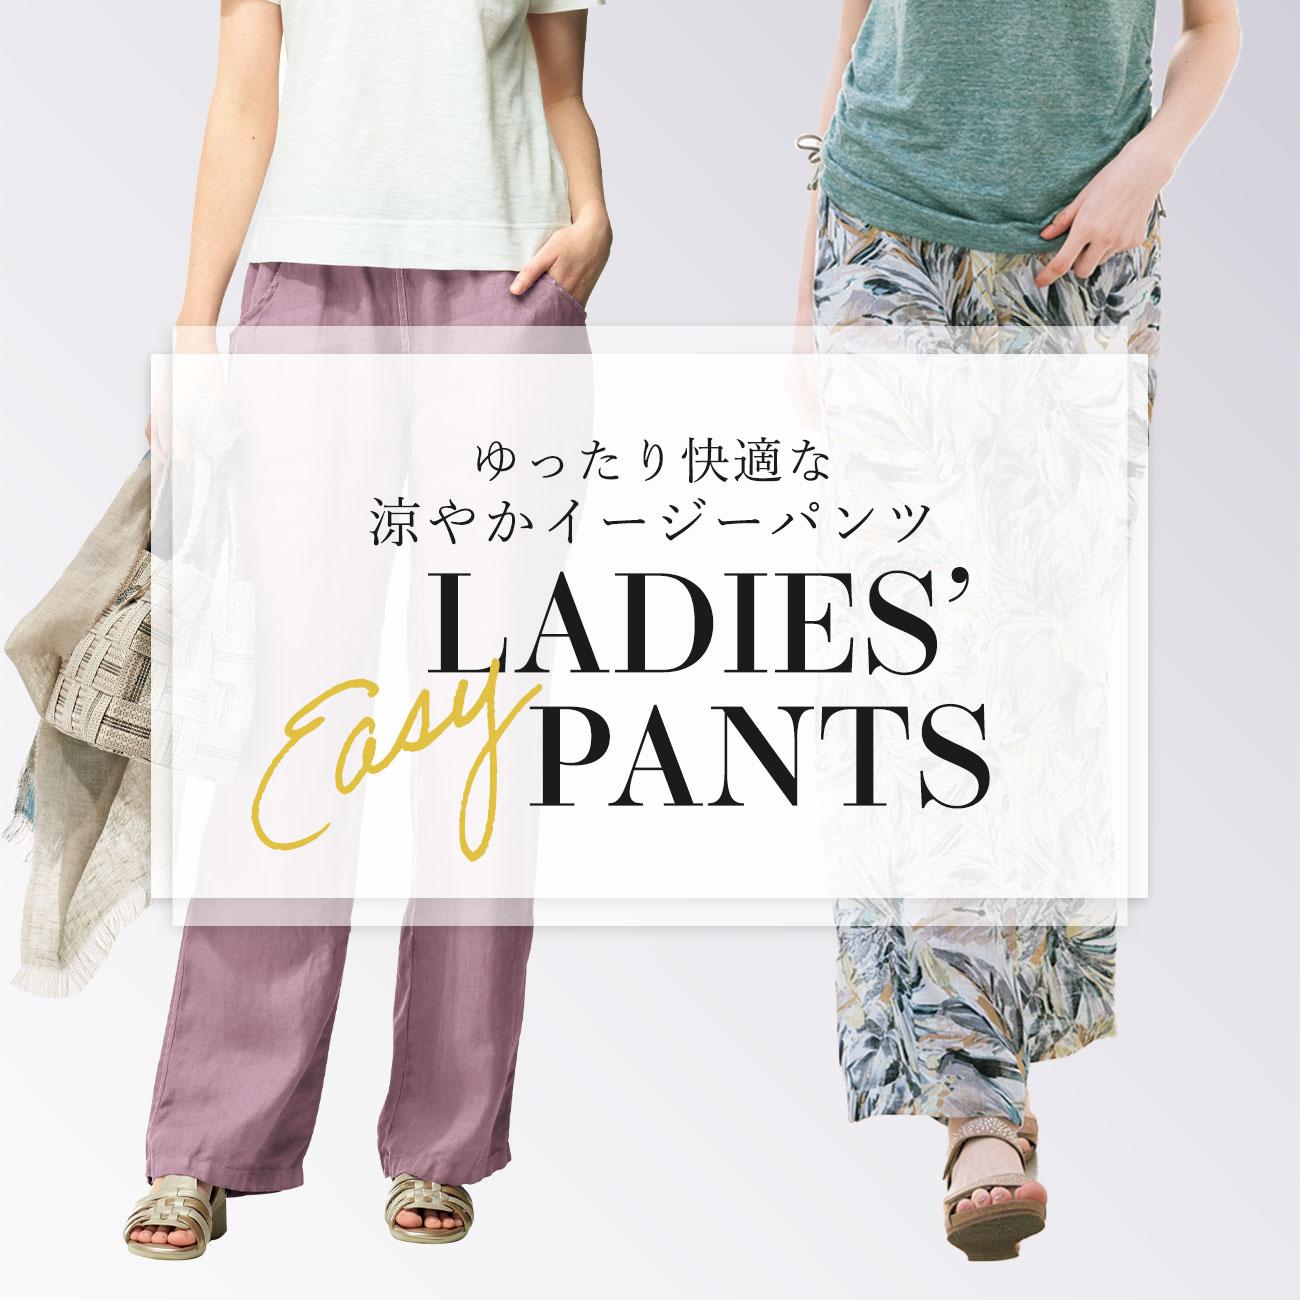 【特集】ゆったりイージーパンツ for Ladies